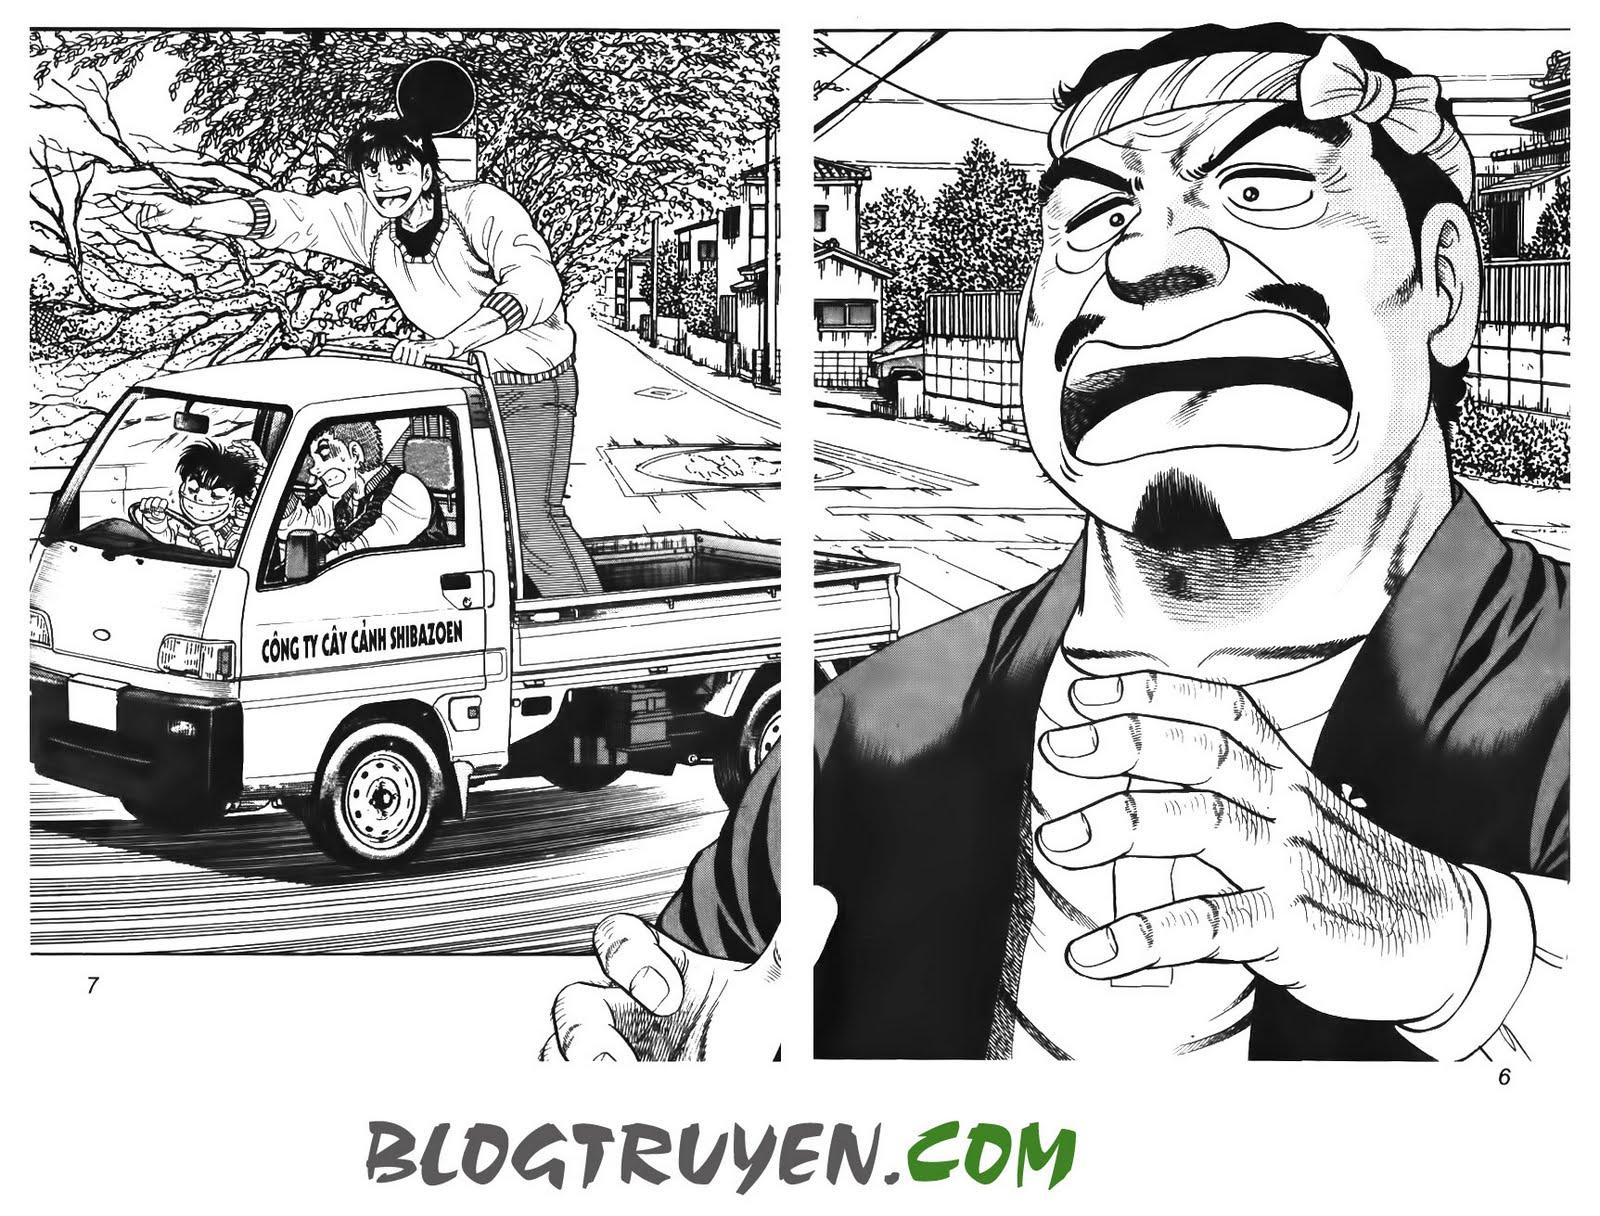 Buttobi Itto ( Sóng Gió Cầu Trường )